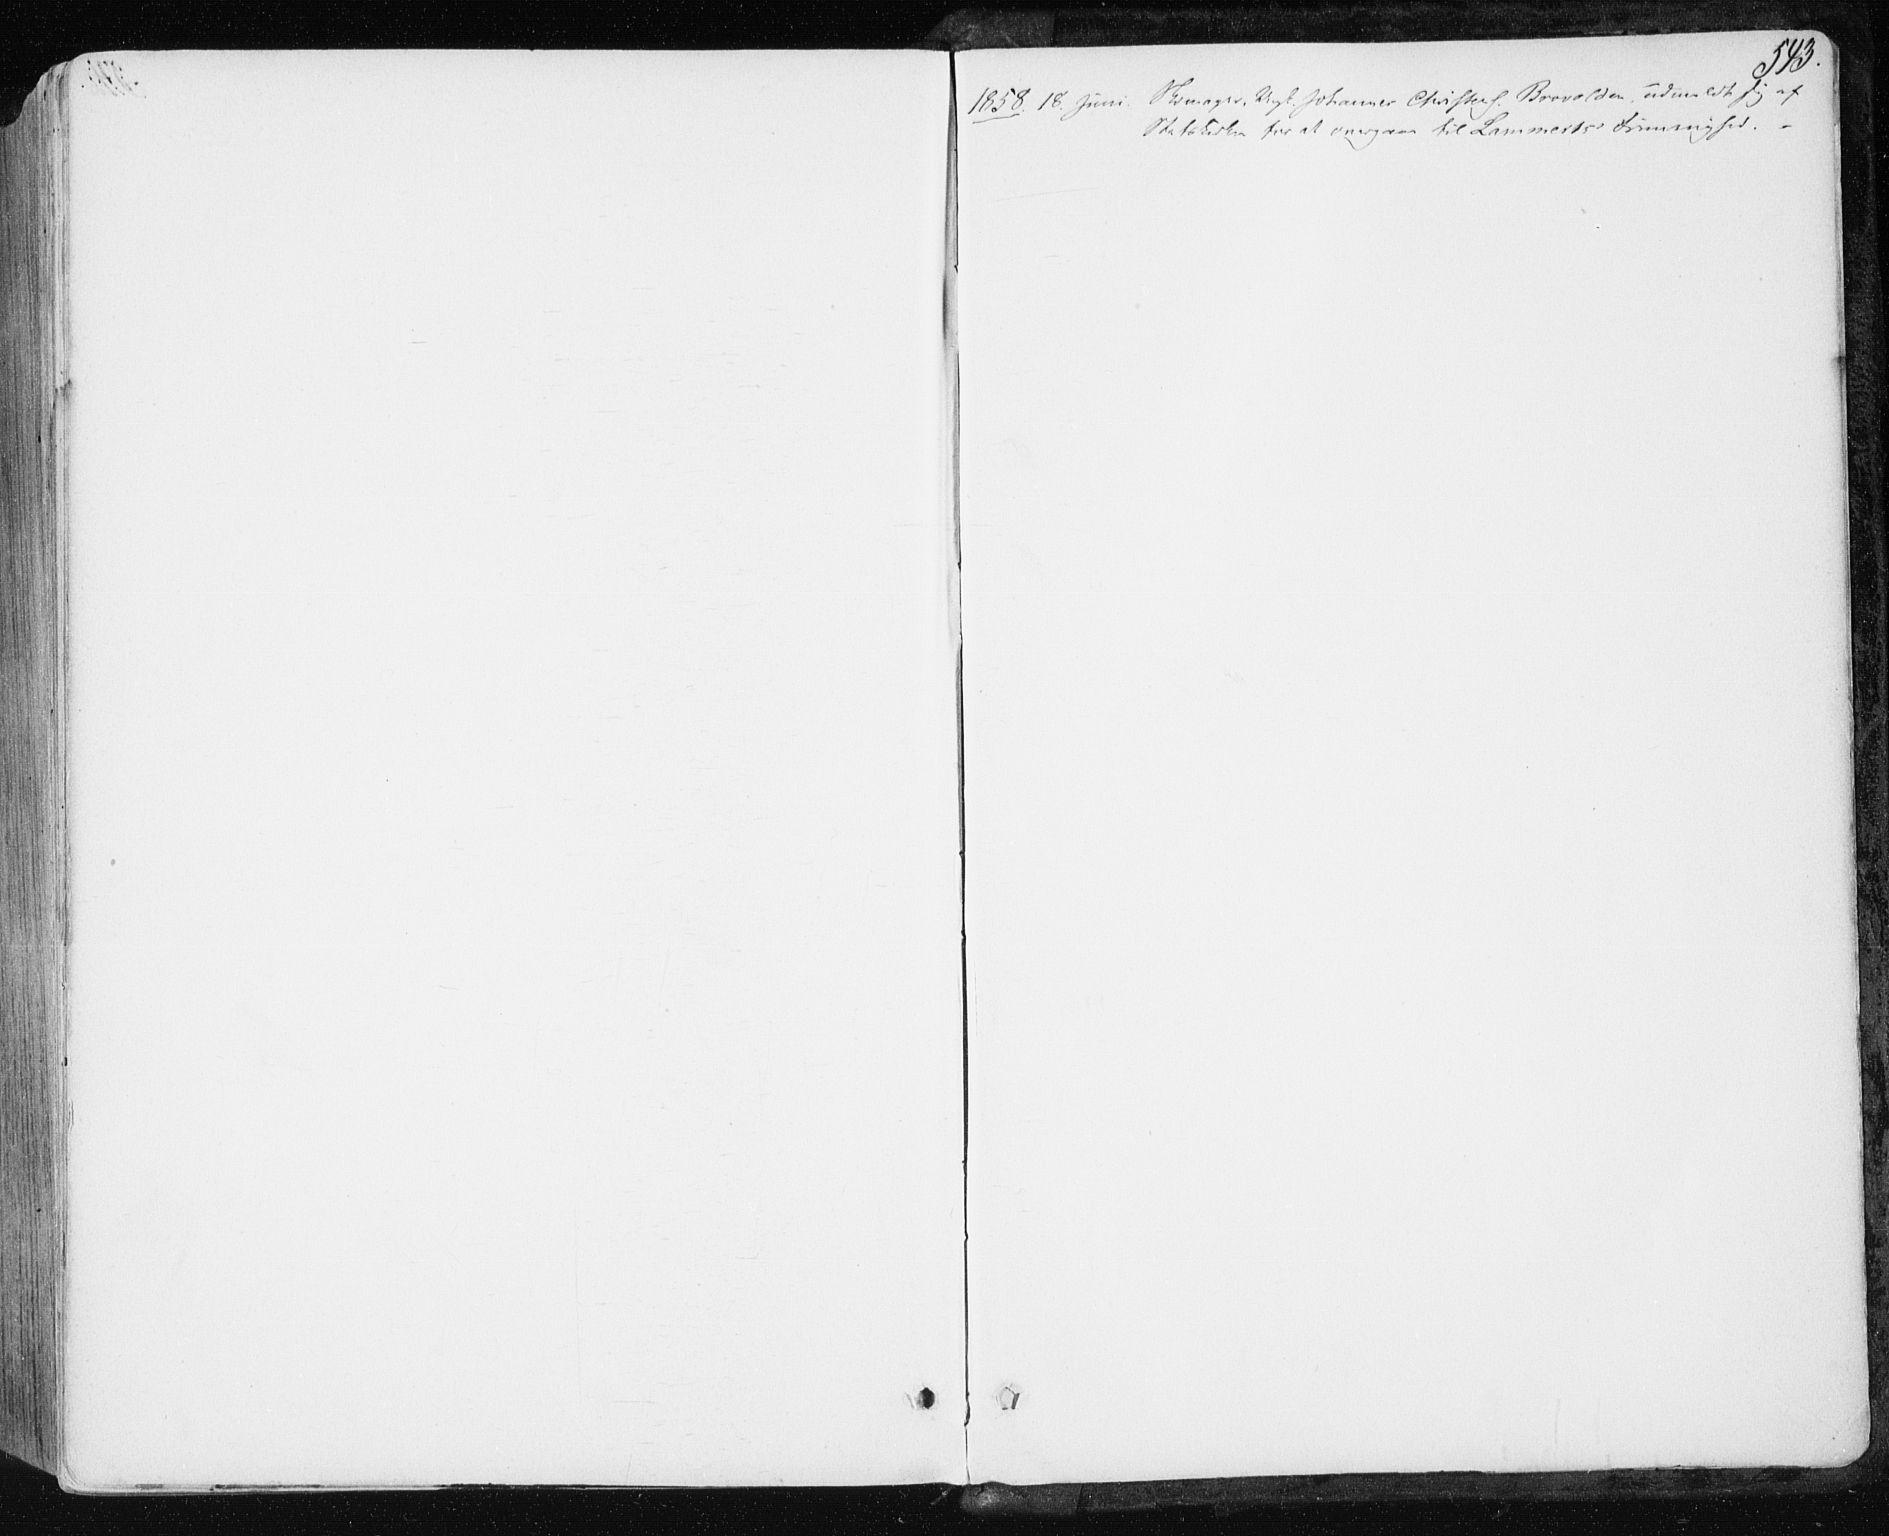 SAT, Ministerialprotokoller, klokkerbøker og fødselsregistre - Sør-Trøndelag, 659/L0737: Ministerialbok nr. 659A07, 1857-1875, s. 543